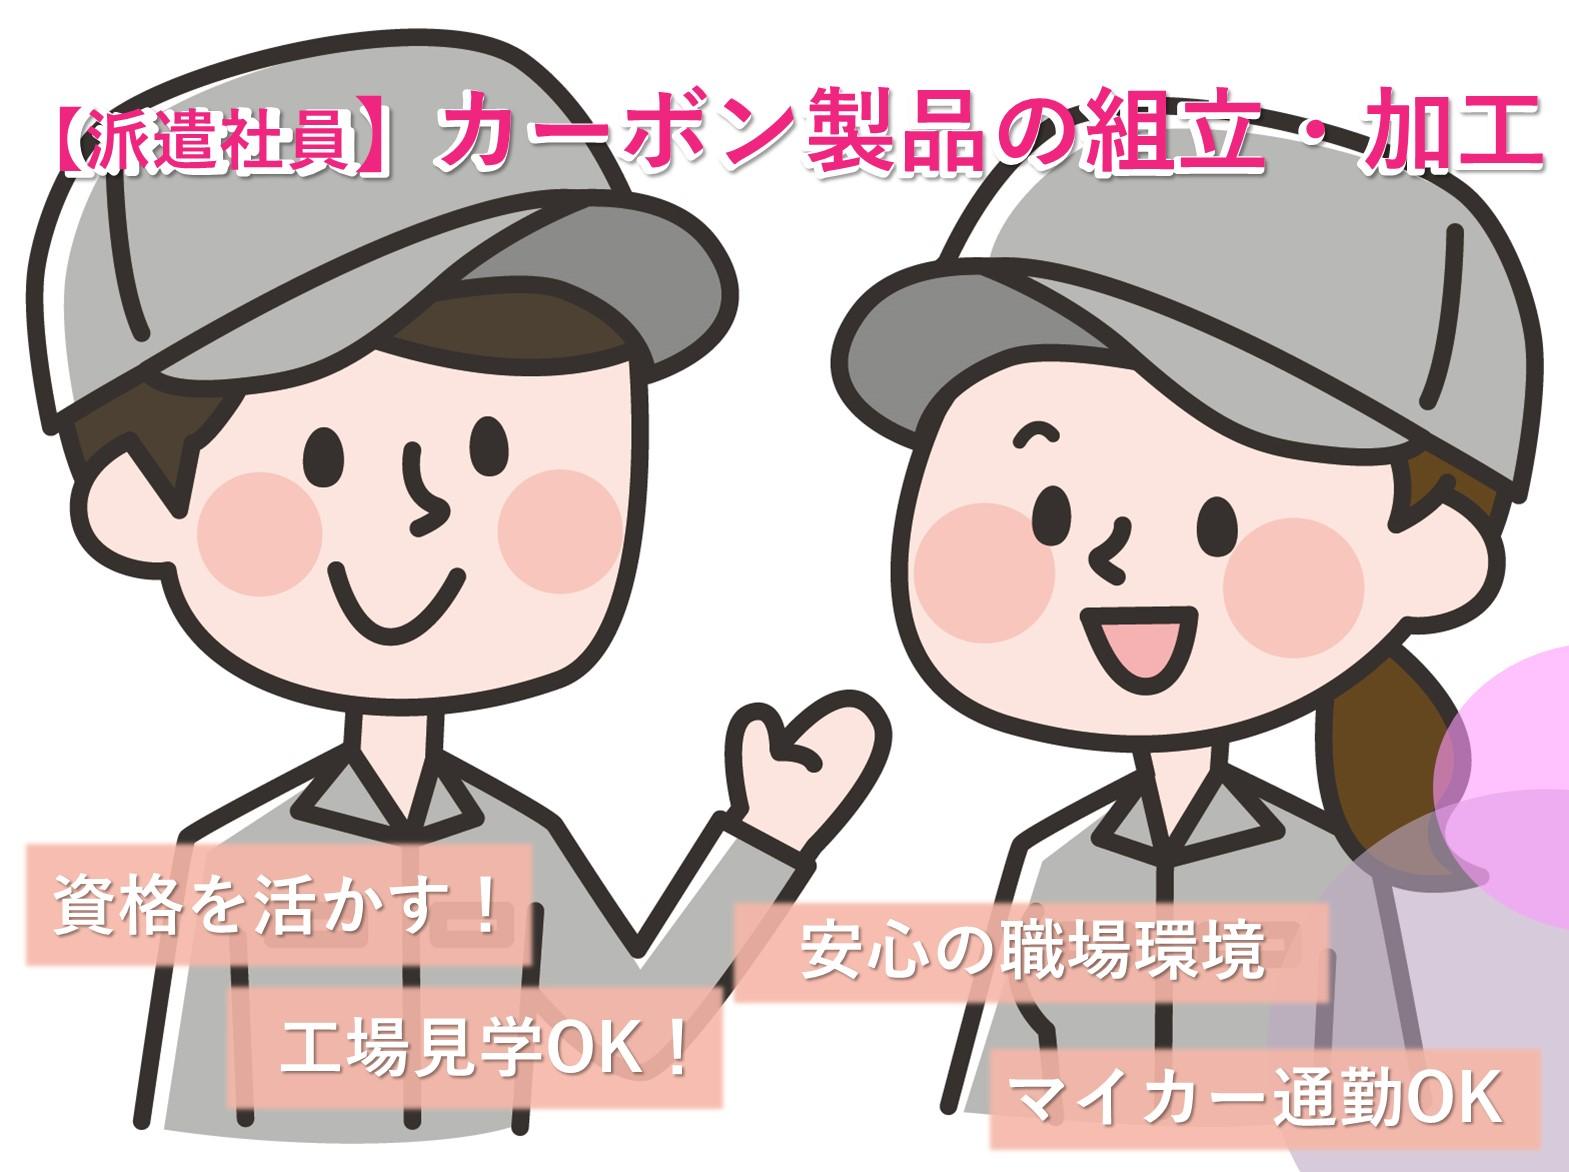 急募【静岡県静岡市】資格を活かす!見学OK!カーボン製品の組立・加工 イメージ